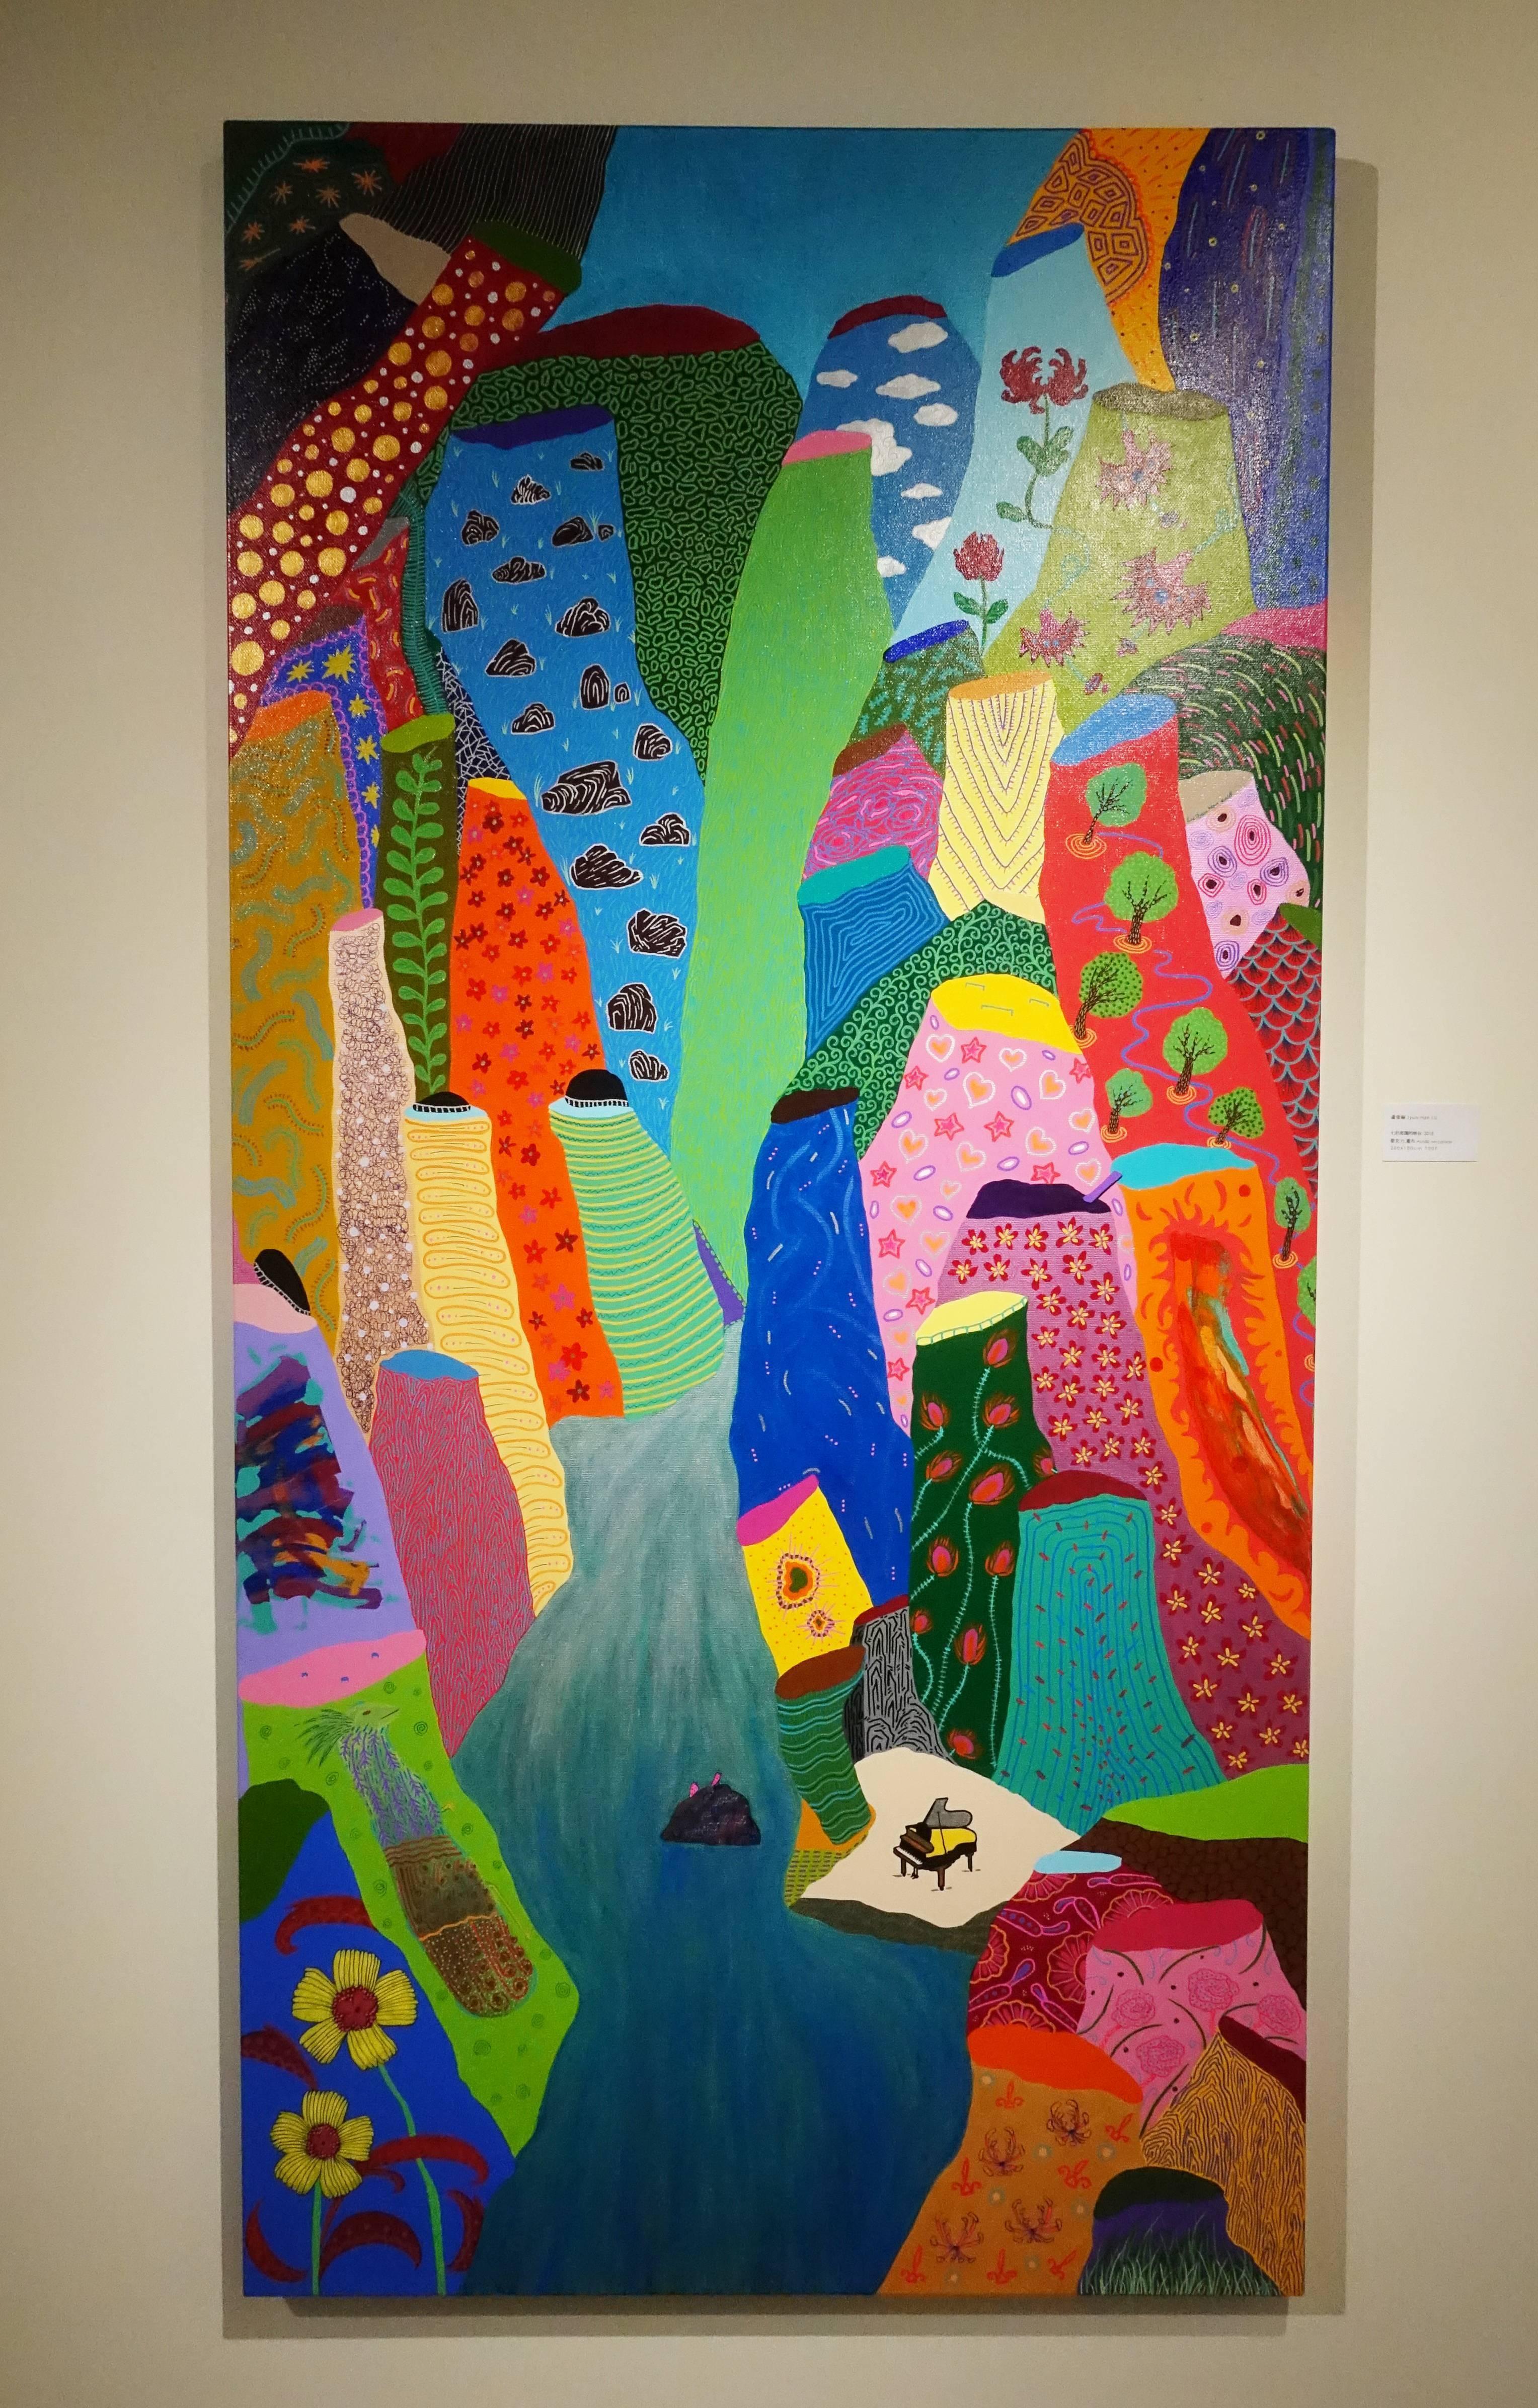 盧俊翰,《七彩斑斕的峽谷》,200 x 100 cm,壓克力,2018。